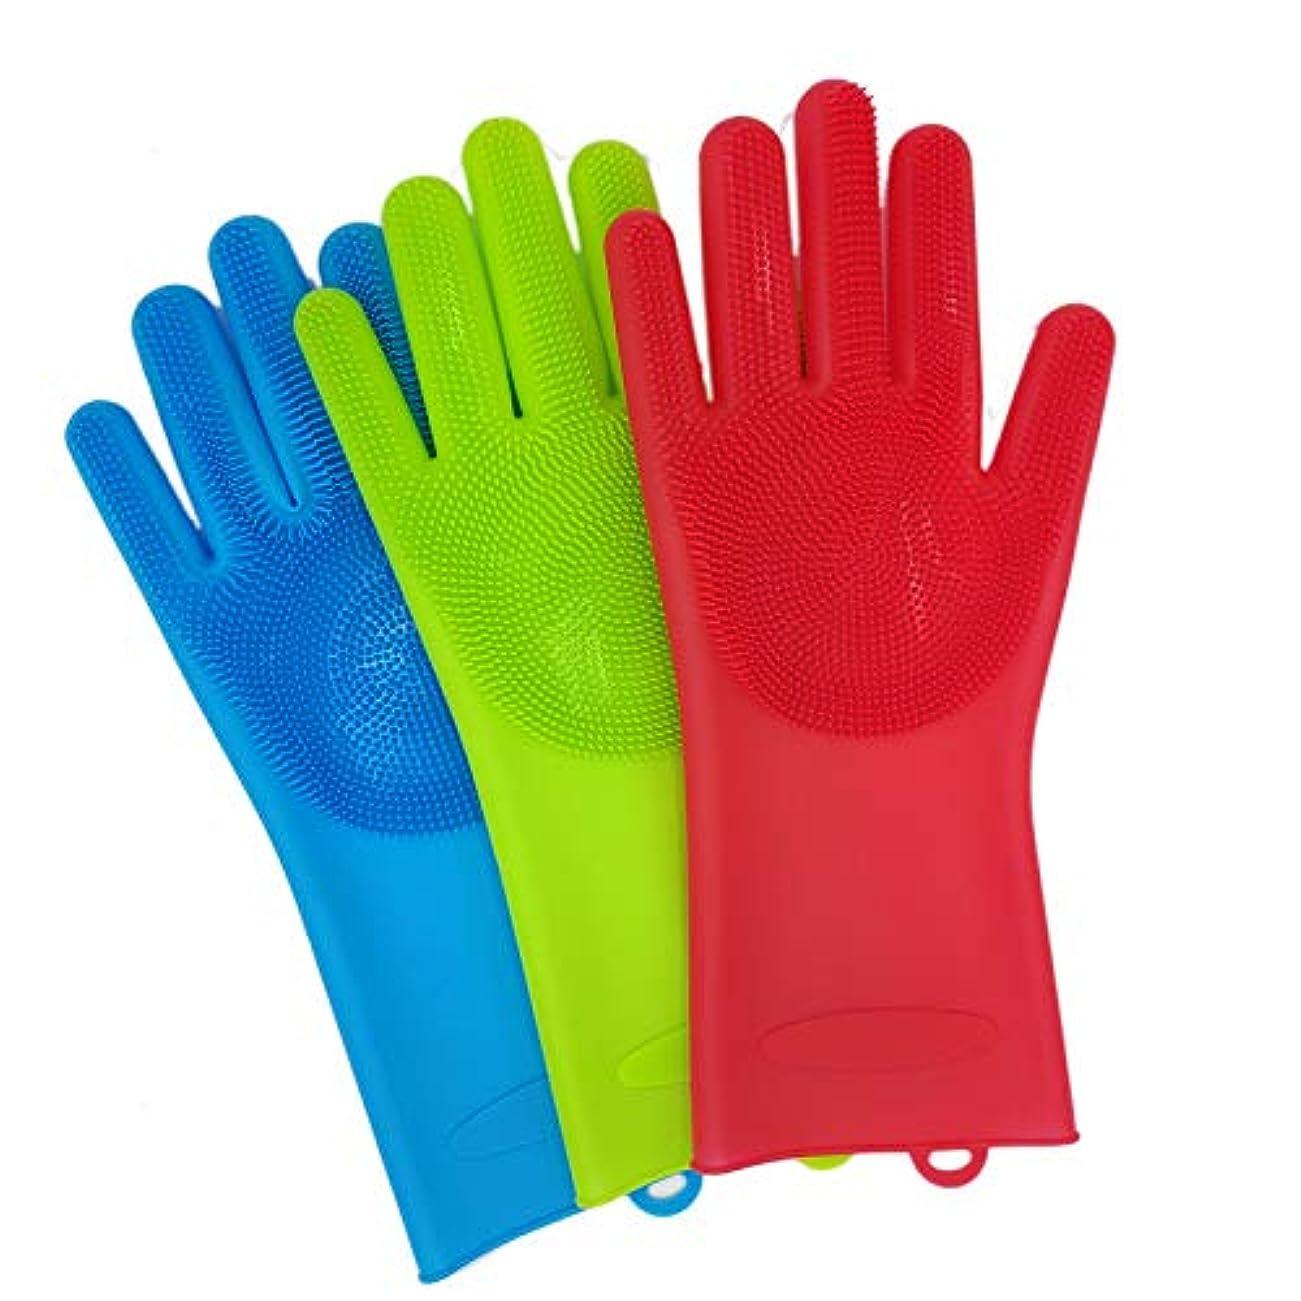 王女環境経由でBTXXYJP 手袋 ペット ブラシ 猫 ブラシ グローブ 耐摩耗 クリーナー 抜け毛取り マッサージブラシ 犬 グローブ ペット毛取りブラシ お手入れ (Color : Blue, Size : L)